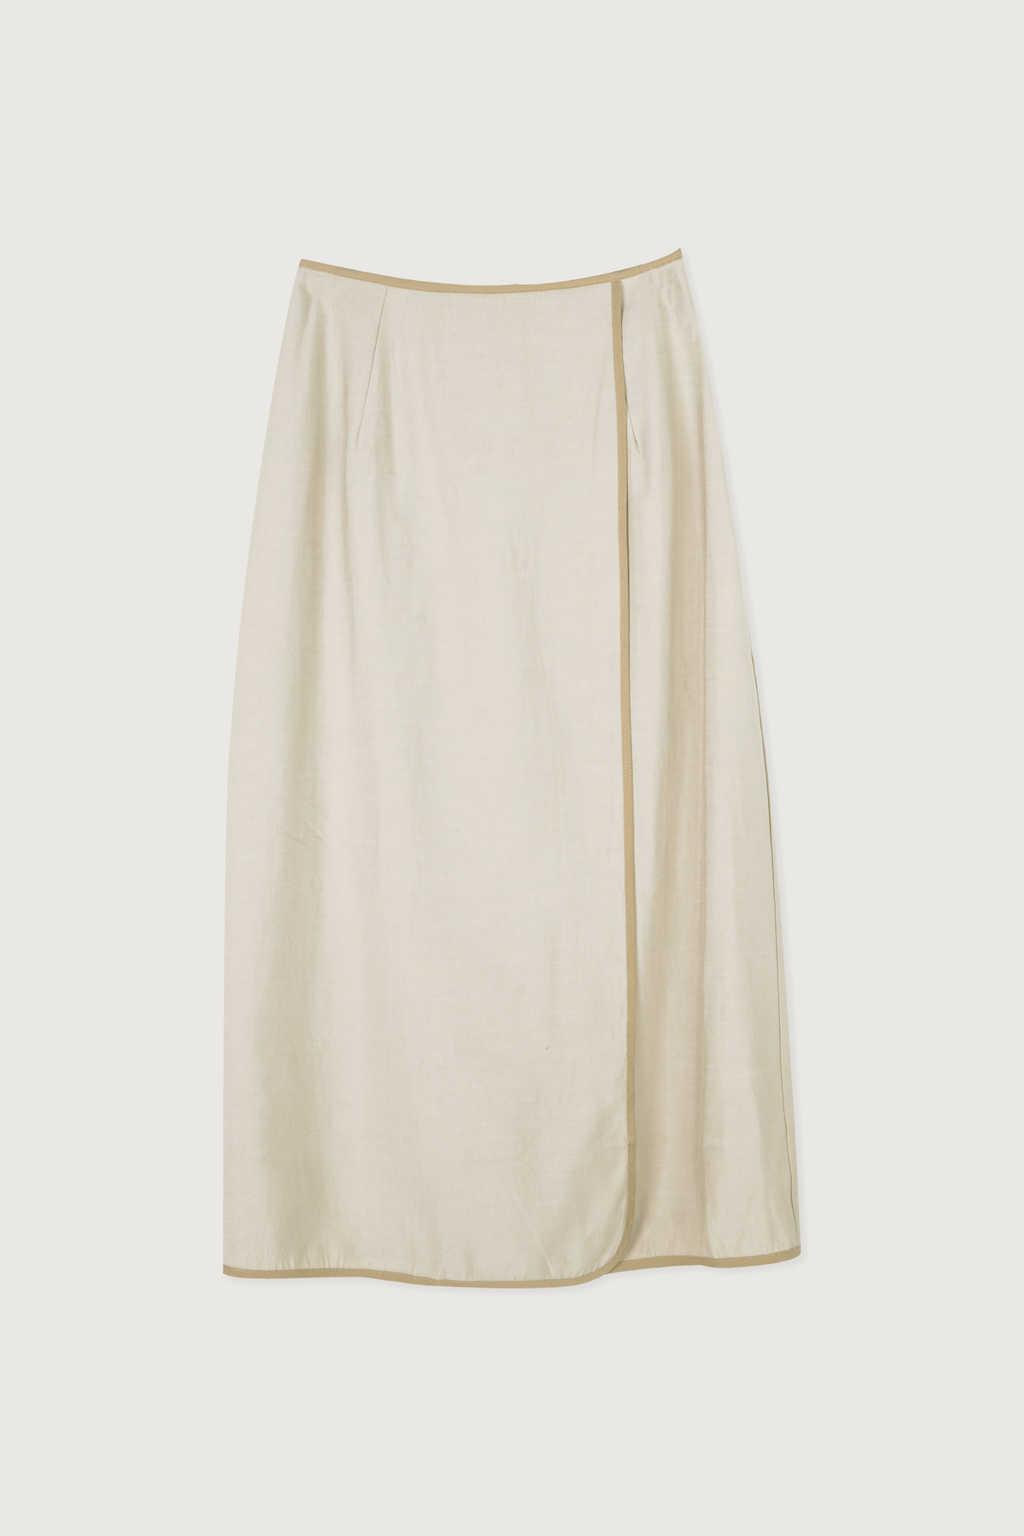 Skirt K024 Beige 5